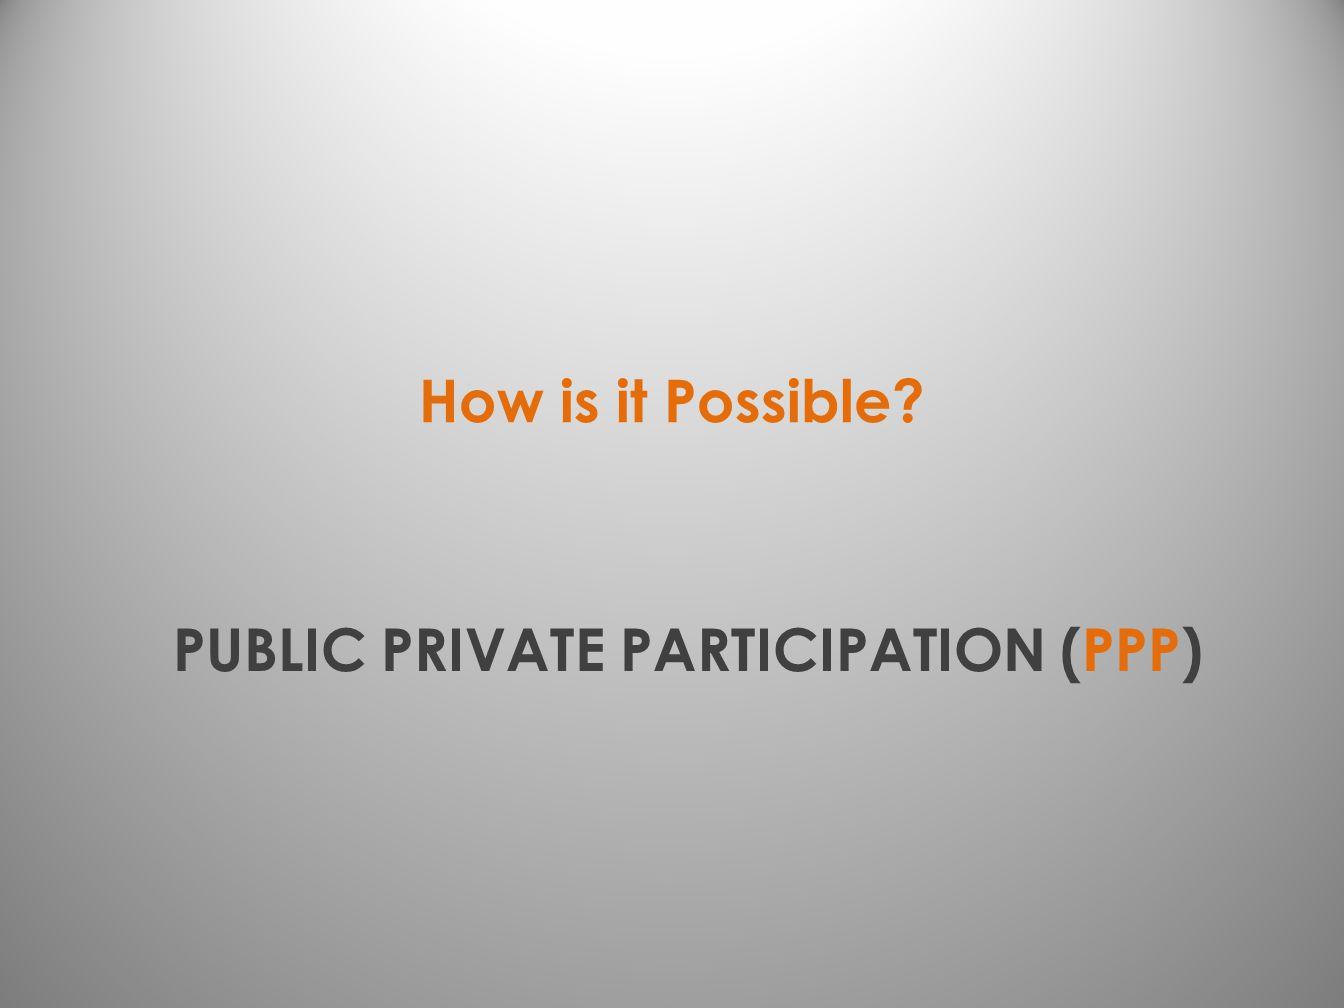 PUBLIC PRIVATE PARTICIPATION (PPP)